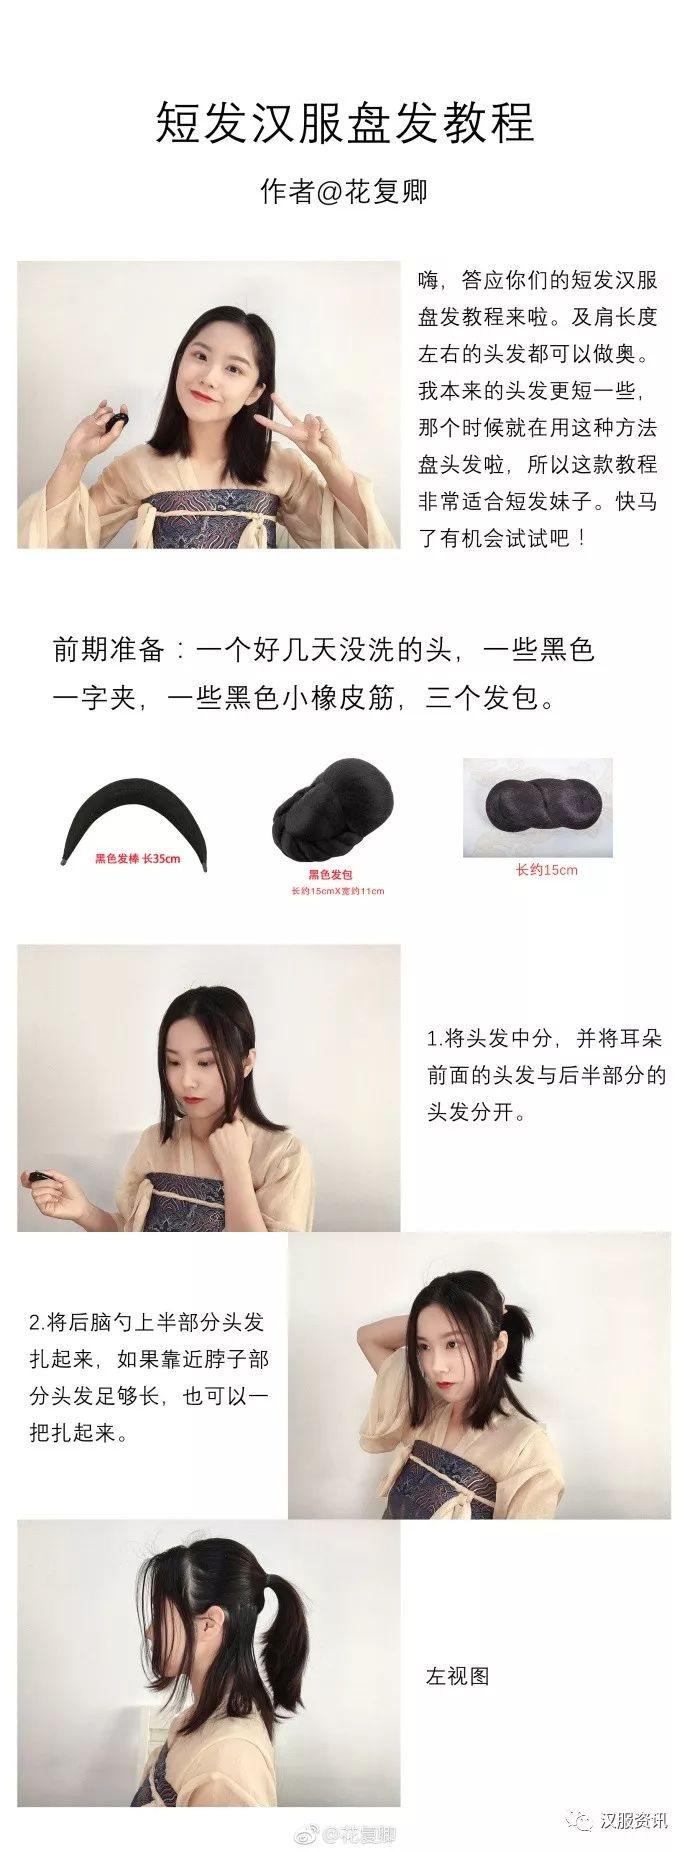 【汉服发型】短发汉服盘发教程-图片1